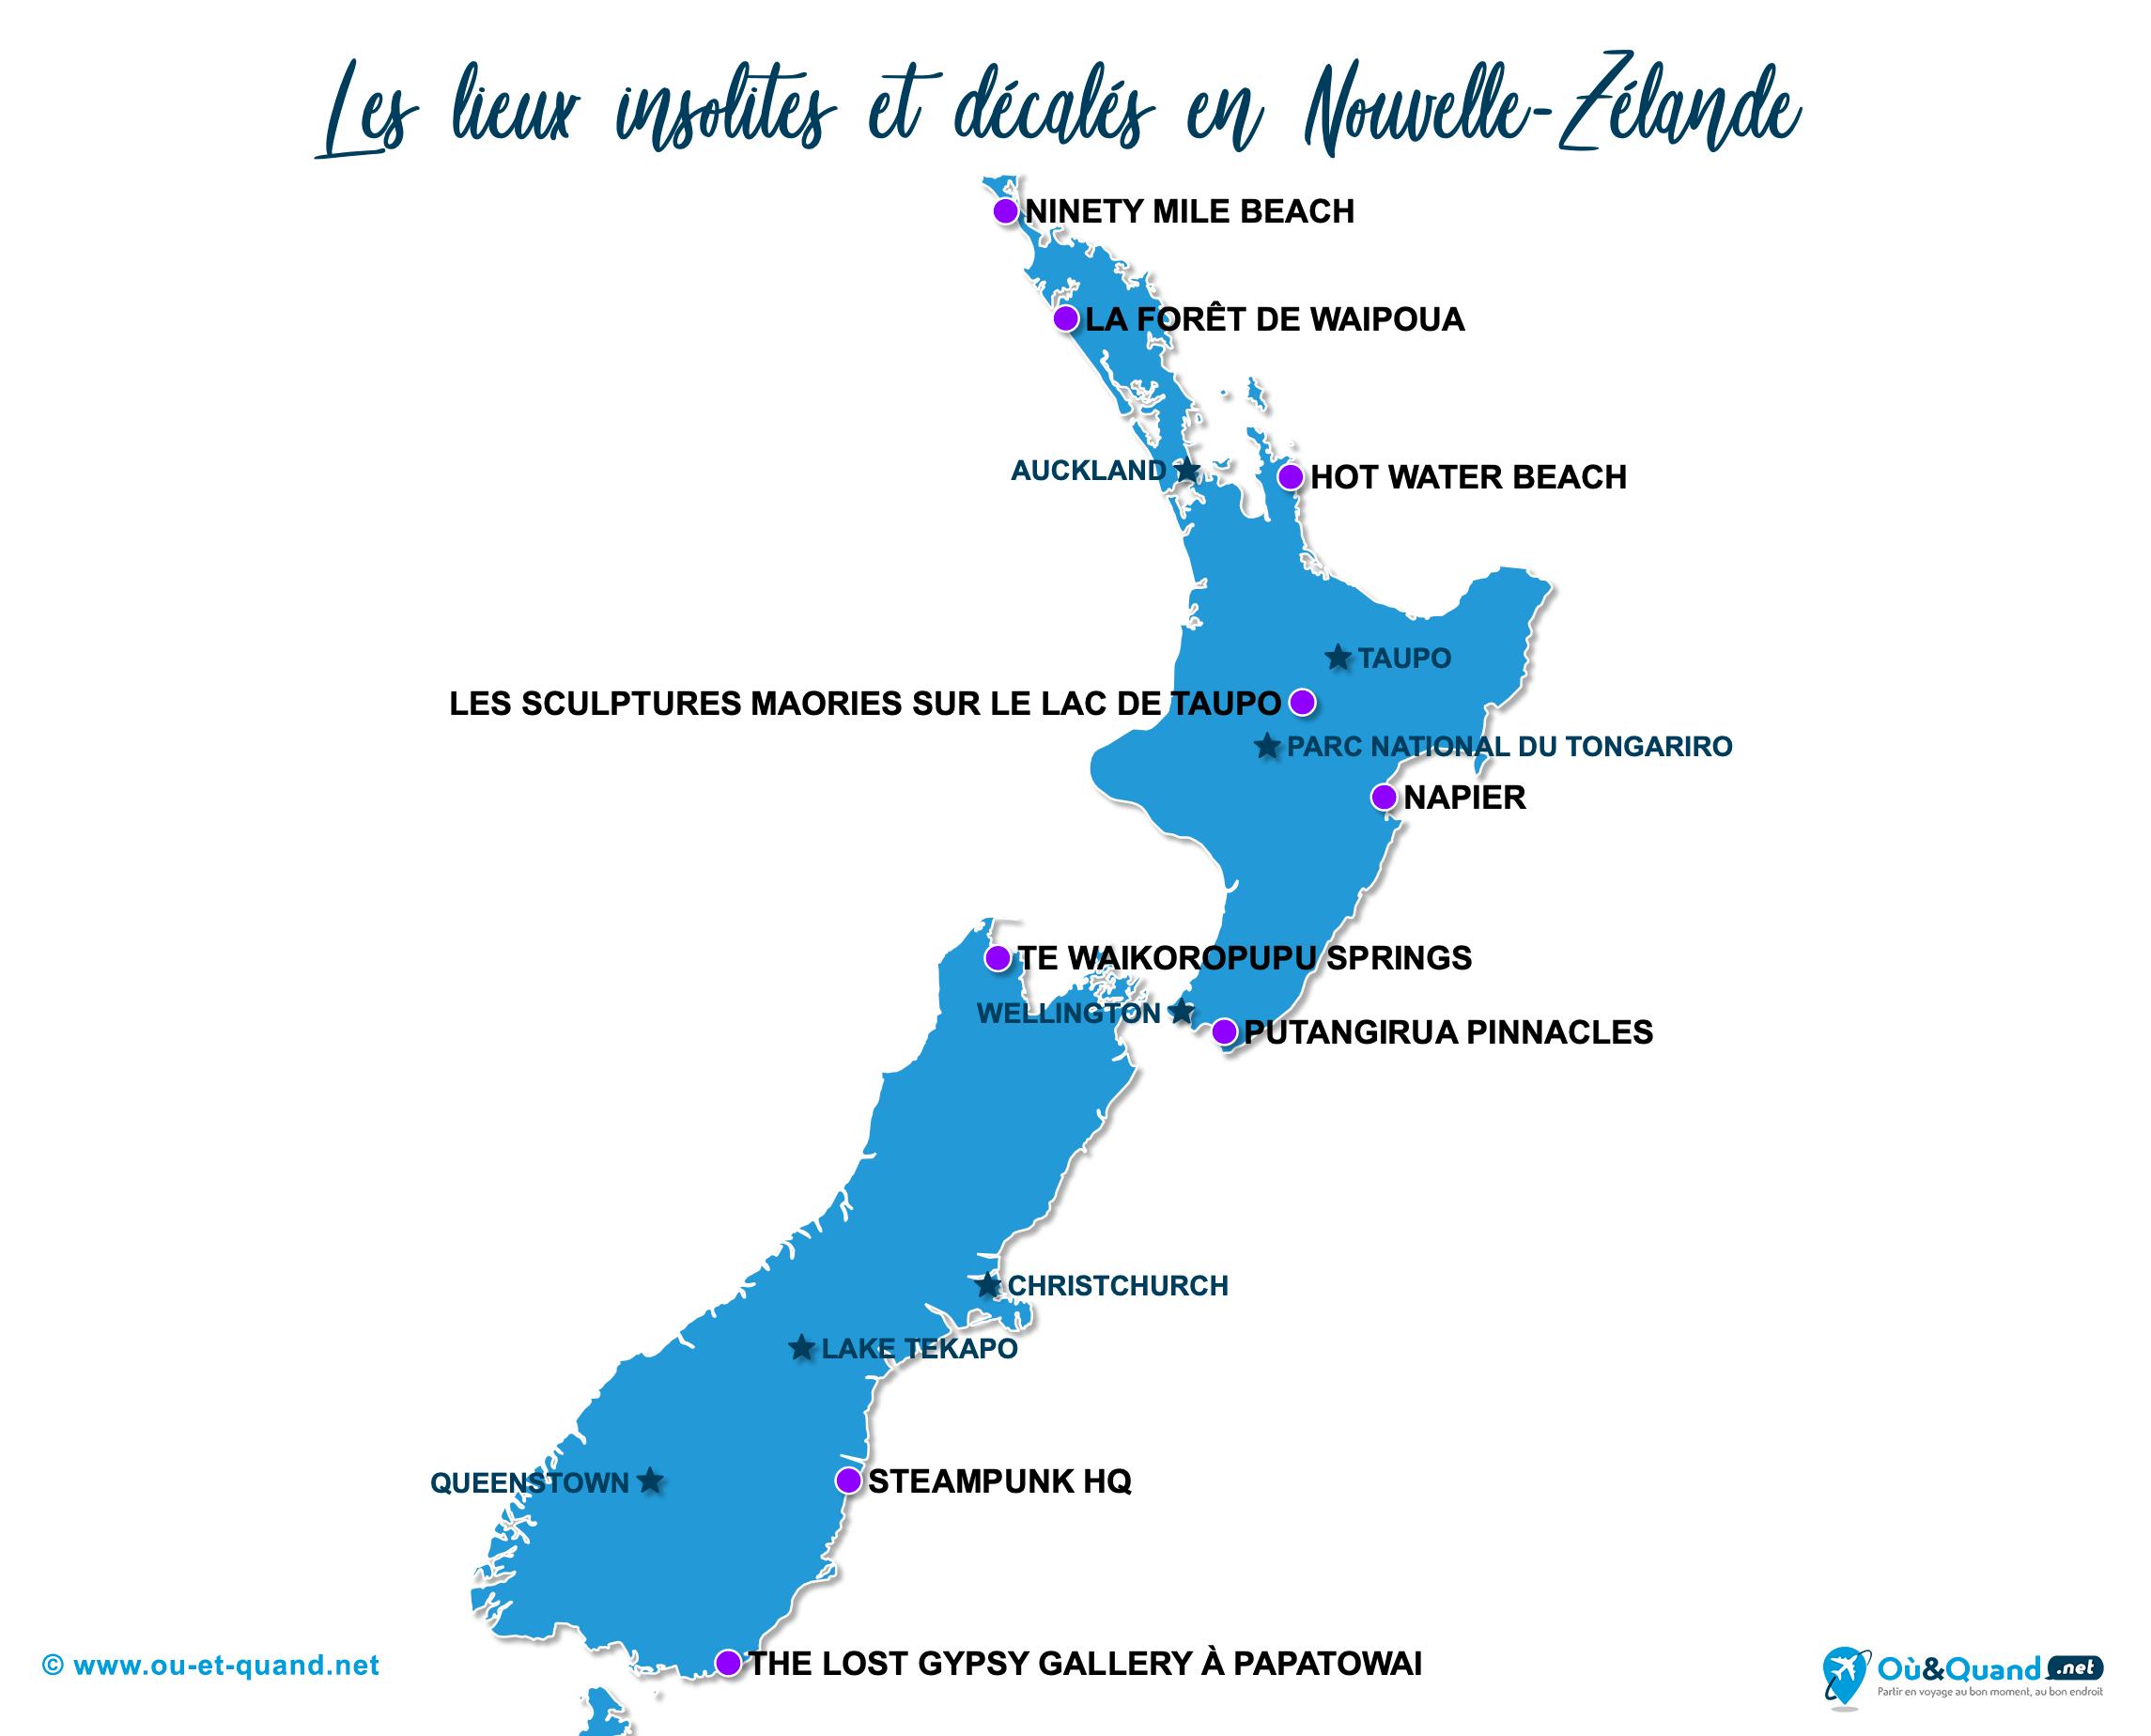 Carte Nouvelle-Zélande : La Nouvelle-Zélande insolite